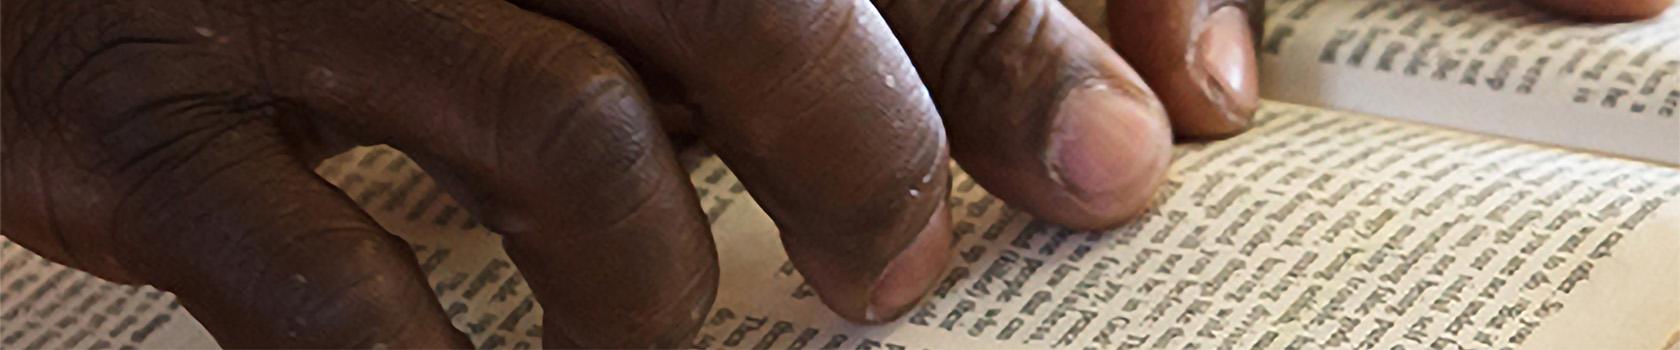 bibles4africa